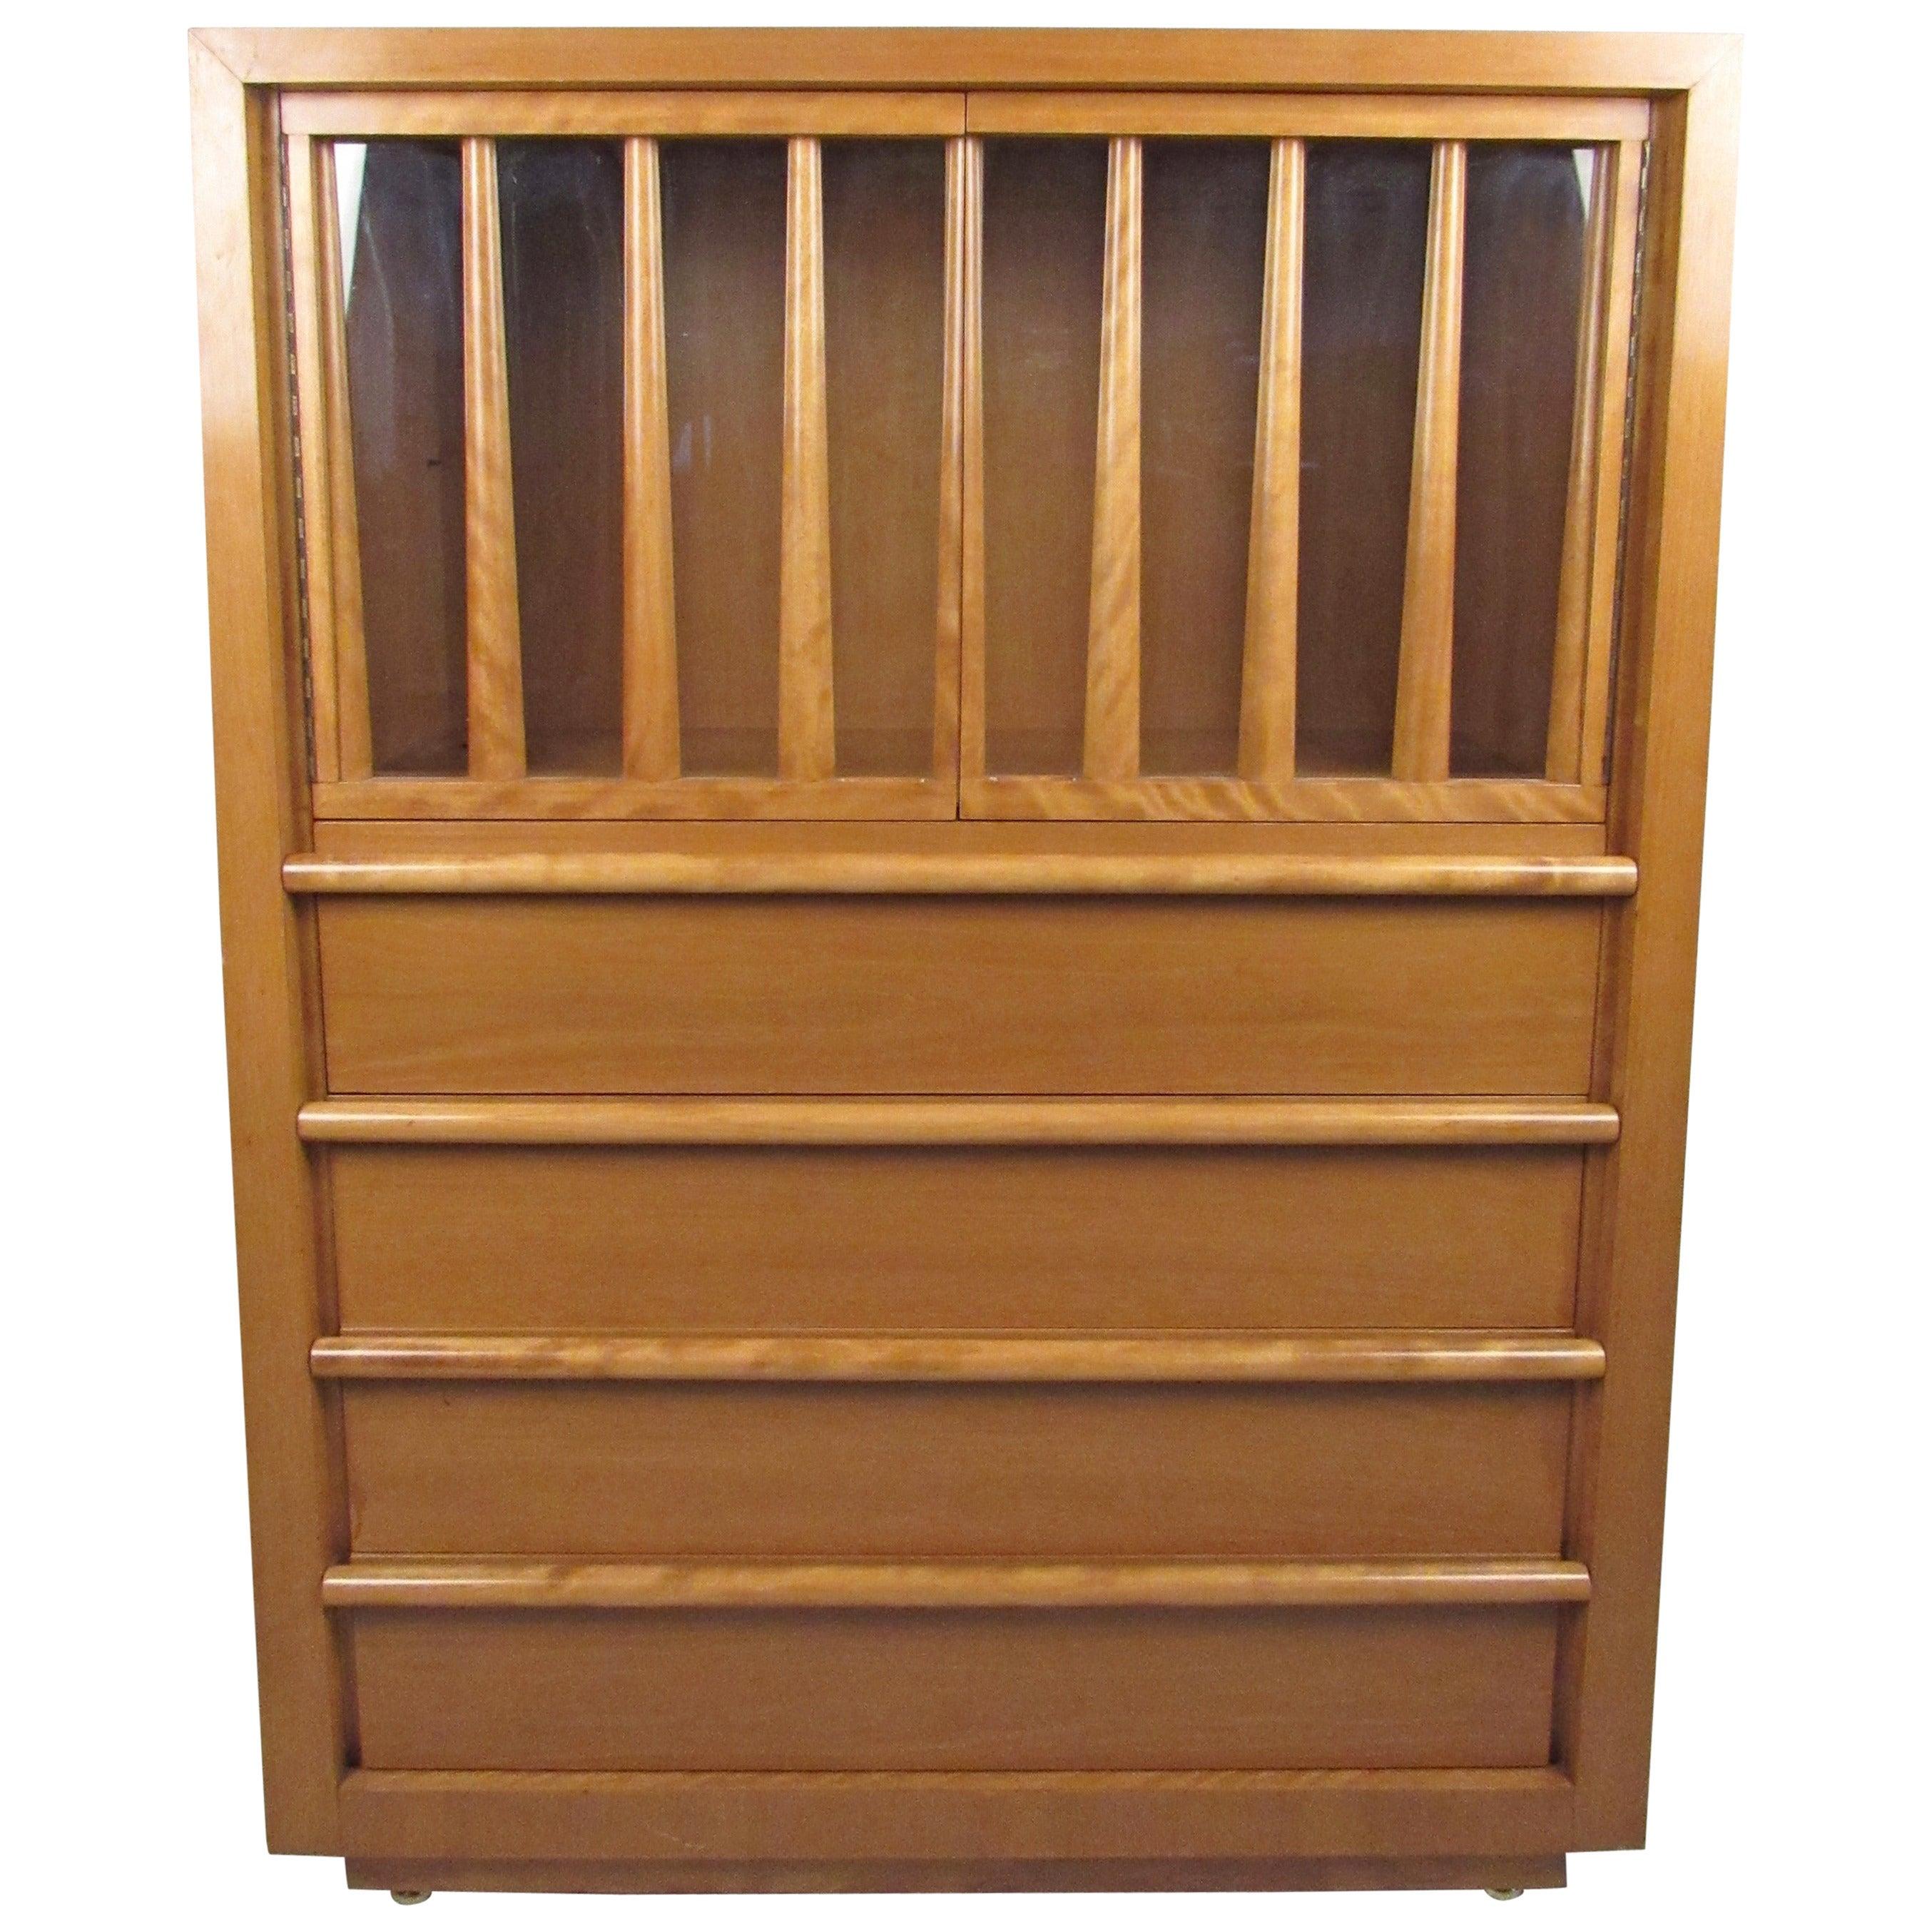 T.H. Robsjohn-Gibbings Tall Dresser for Widdicomb